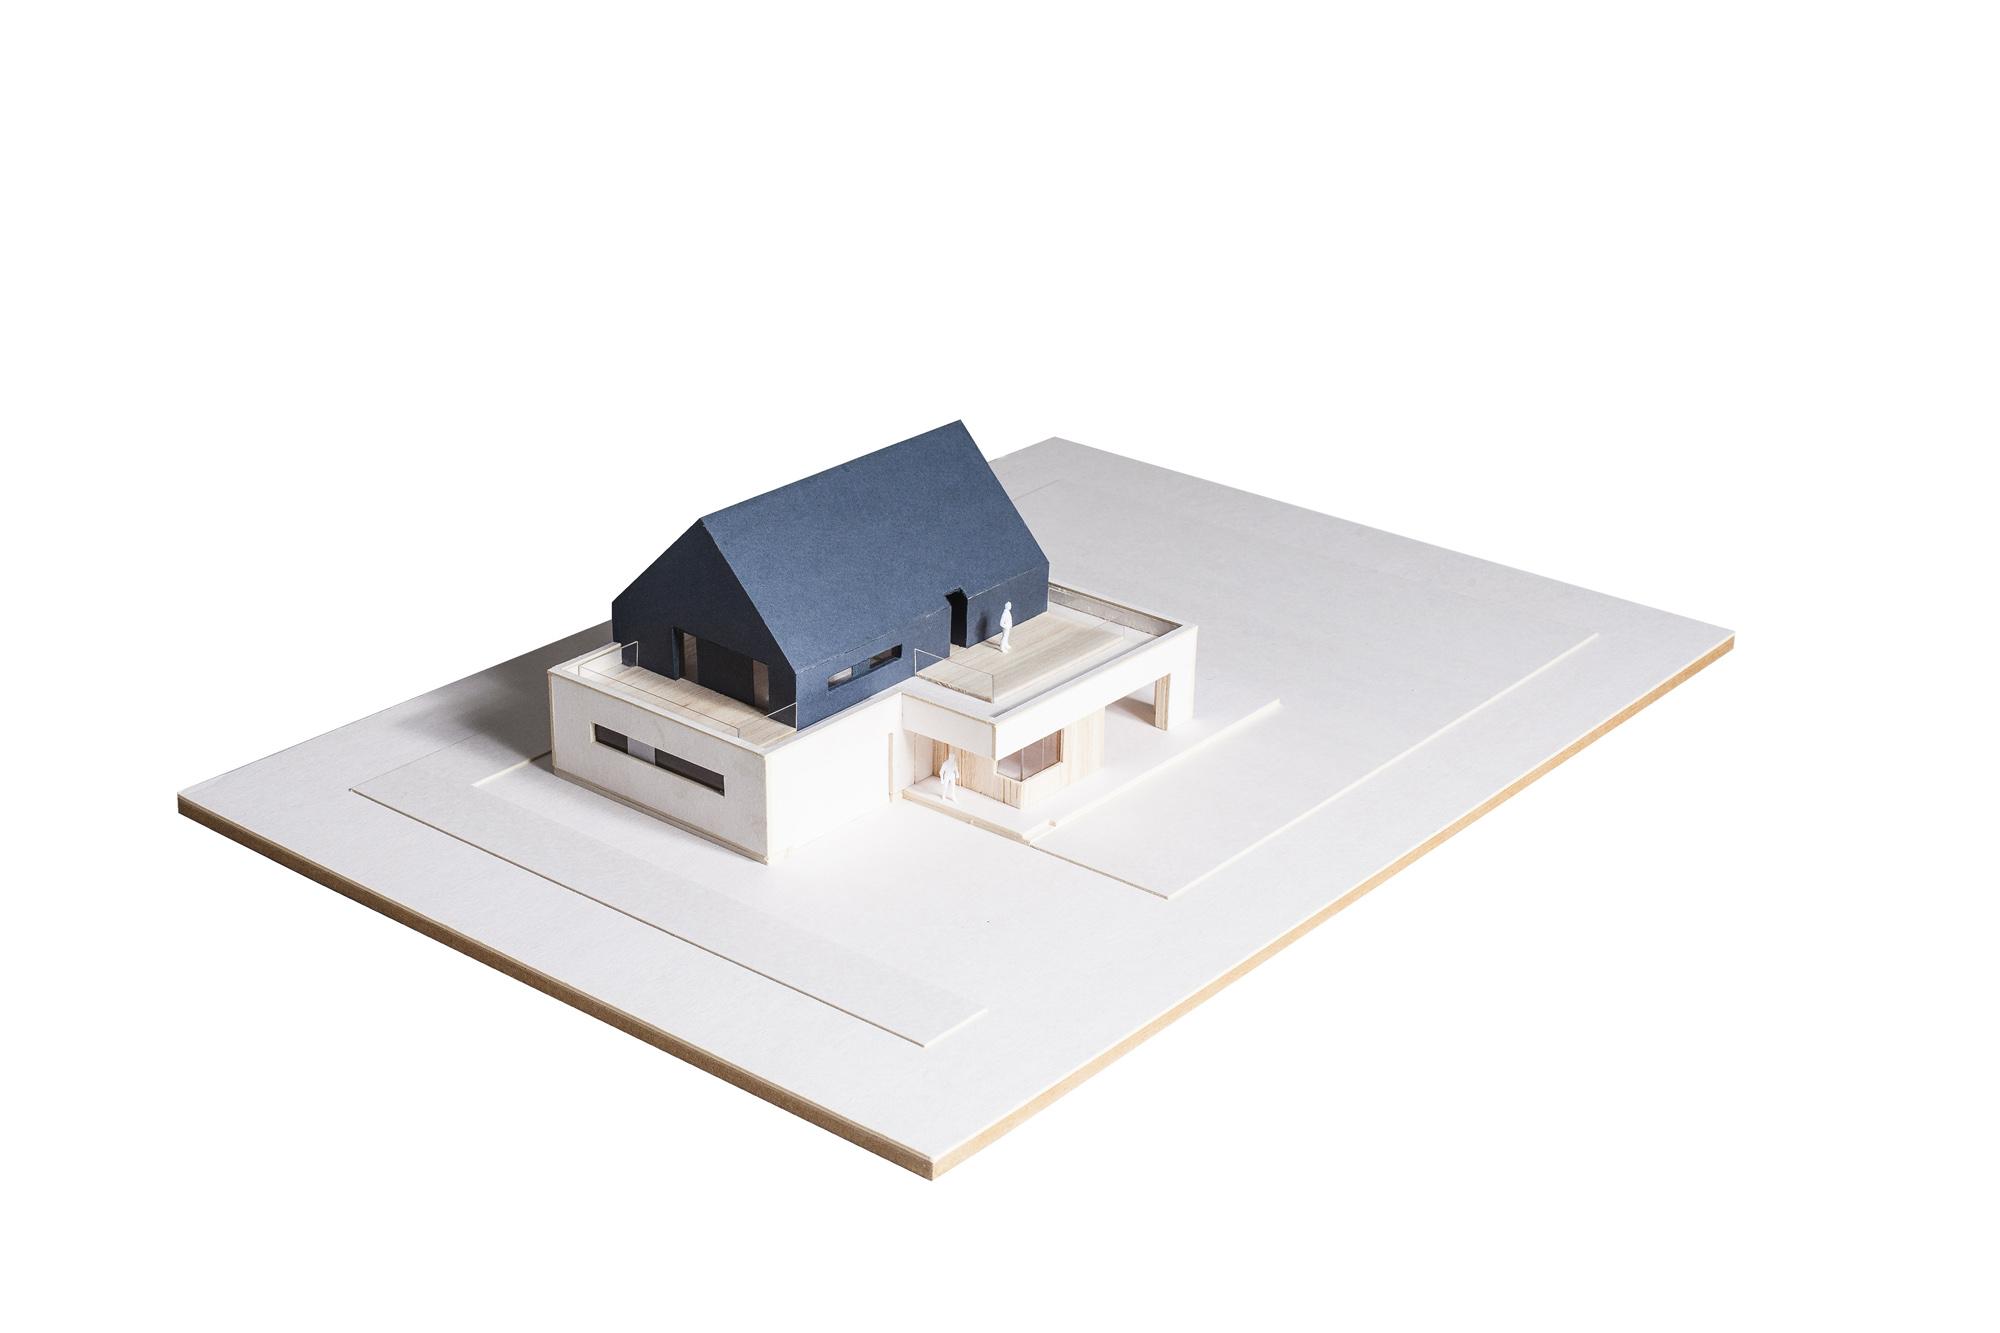 MLC-ZLO-dom-model-01w copy